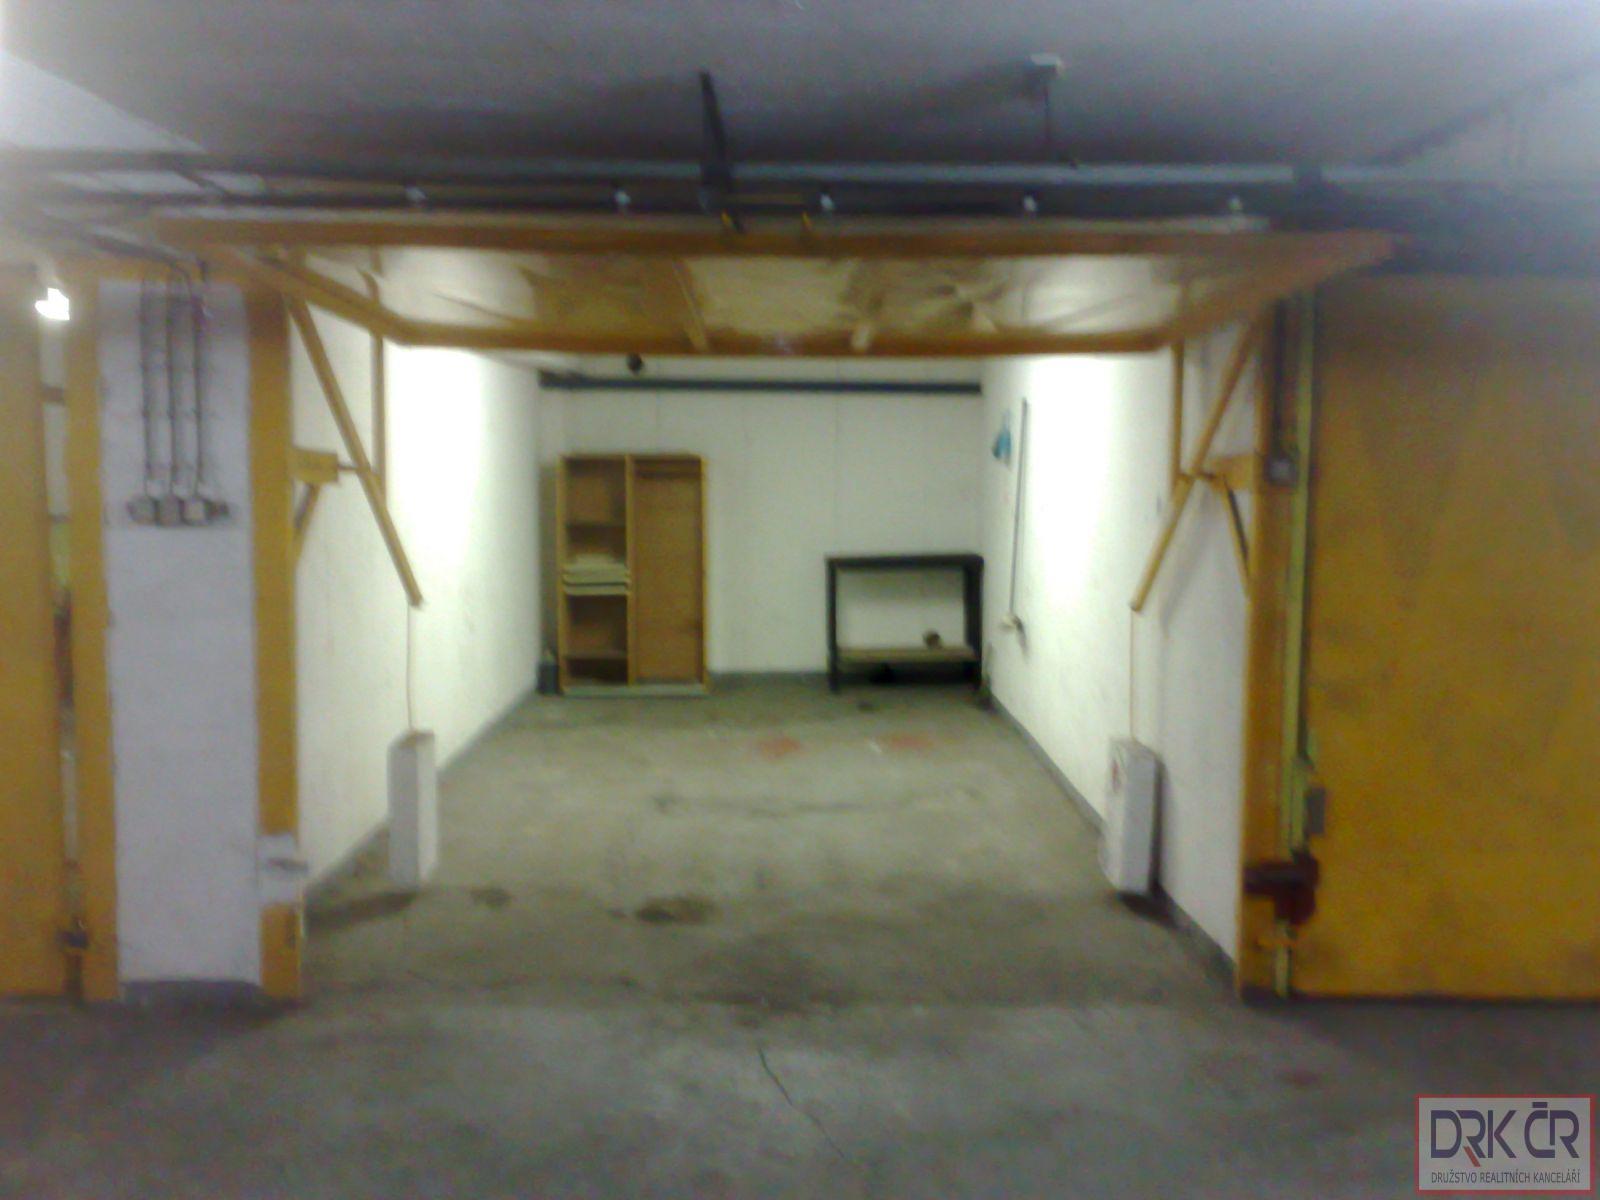 Samostatna zděna garáž, 20m2, 2.800 Kč, v Praze 6 - Řepích II, neplatíte provizi.